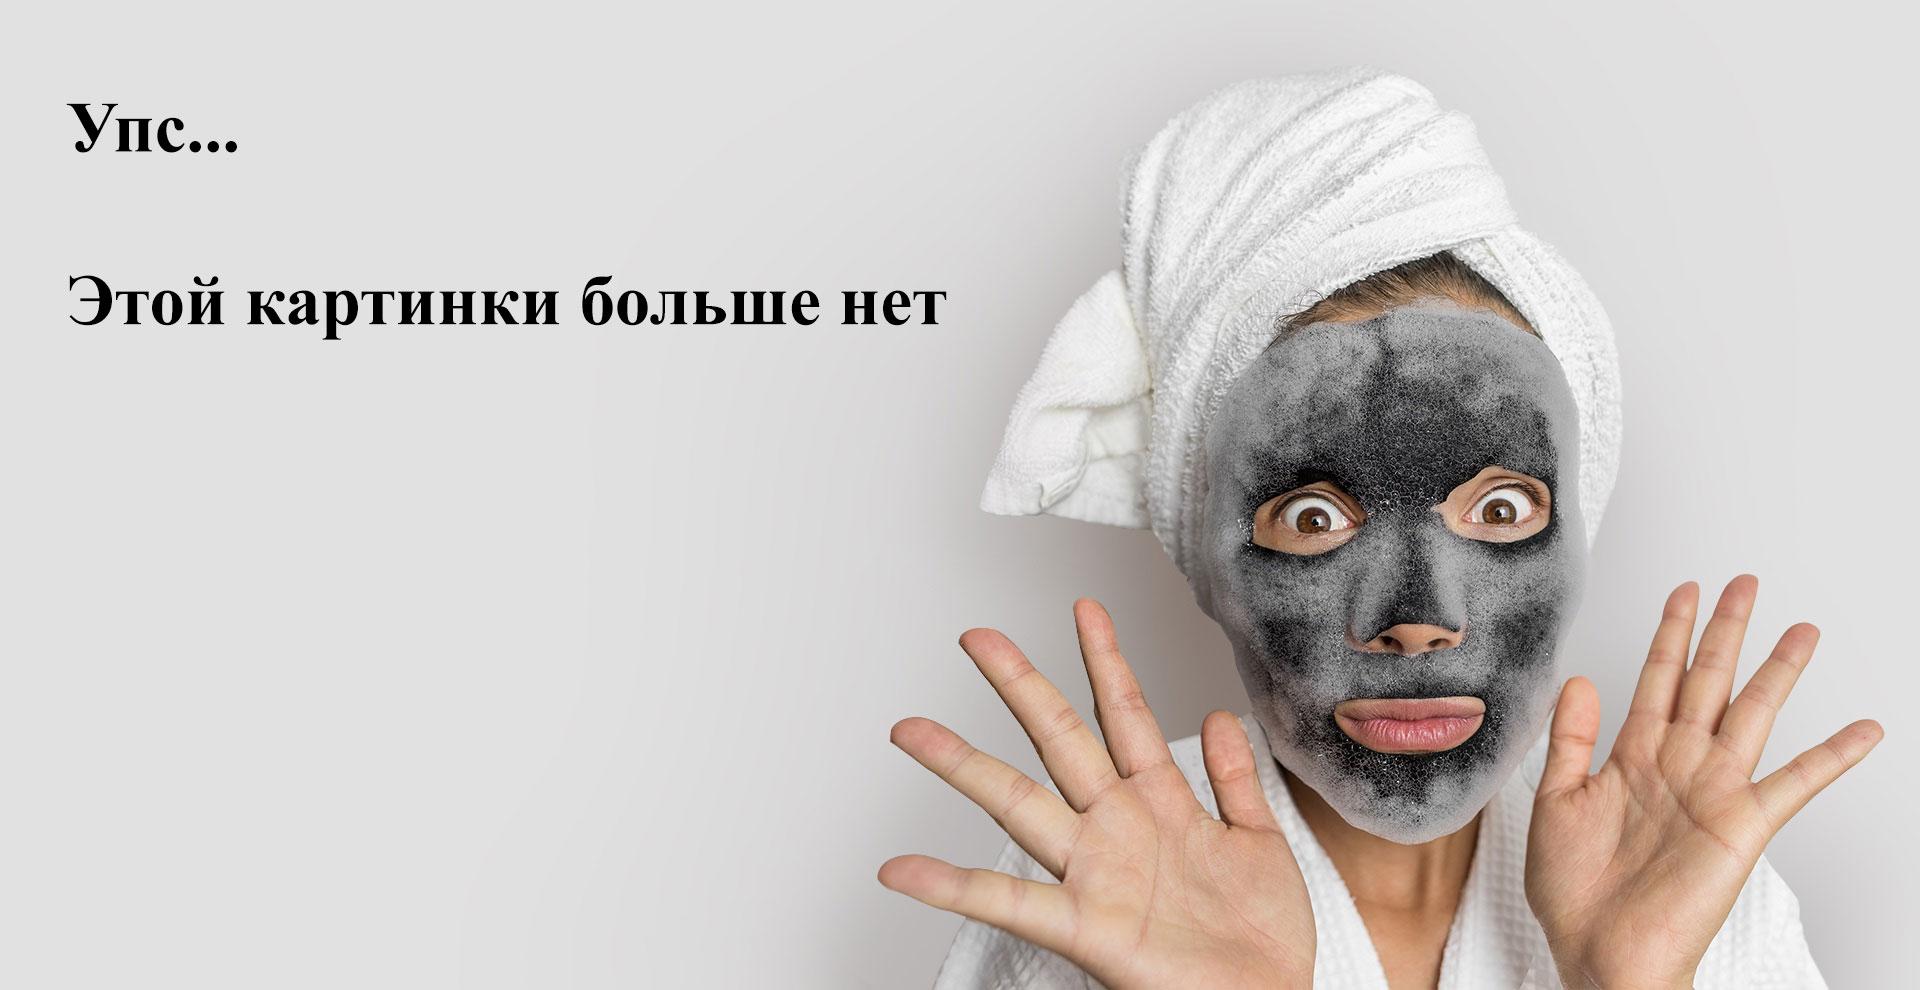 Vivienne Sabo, Репейное масло для ресниц и бровей Ideal Sublime, 6 мл